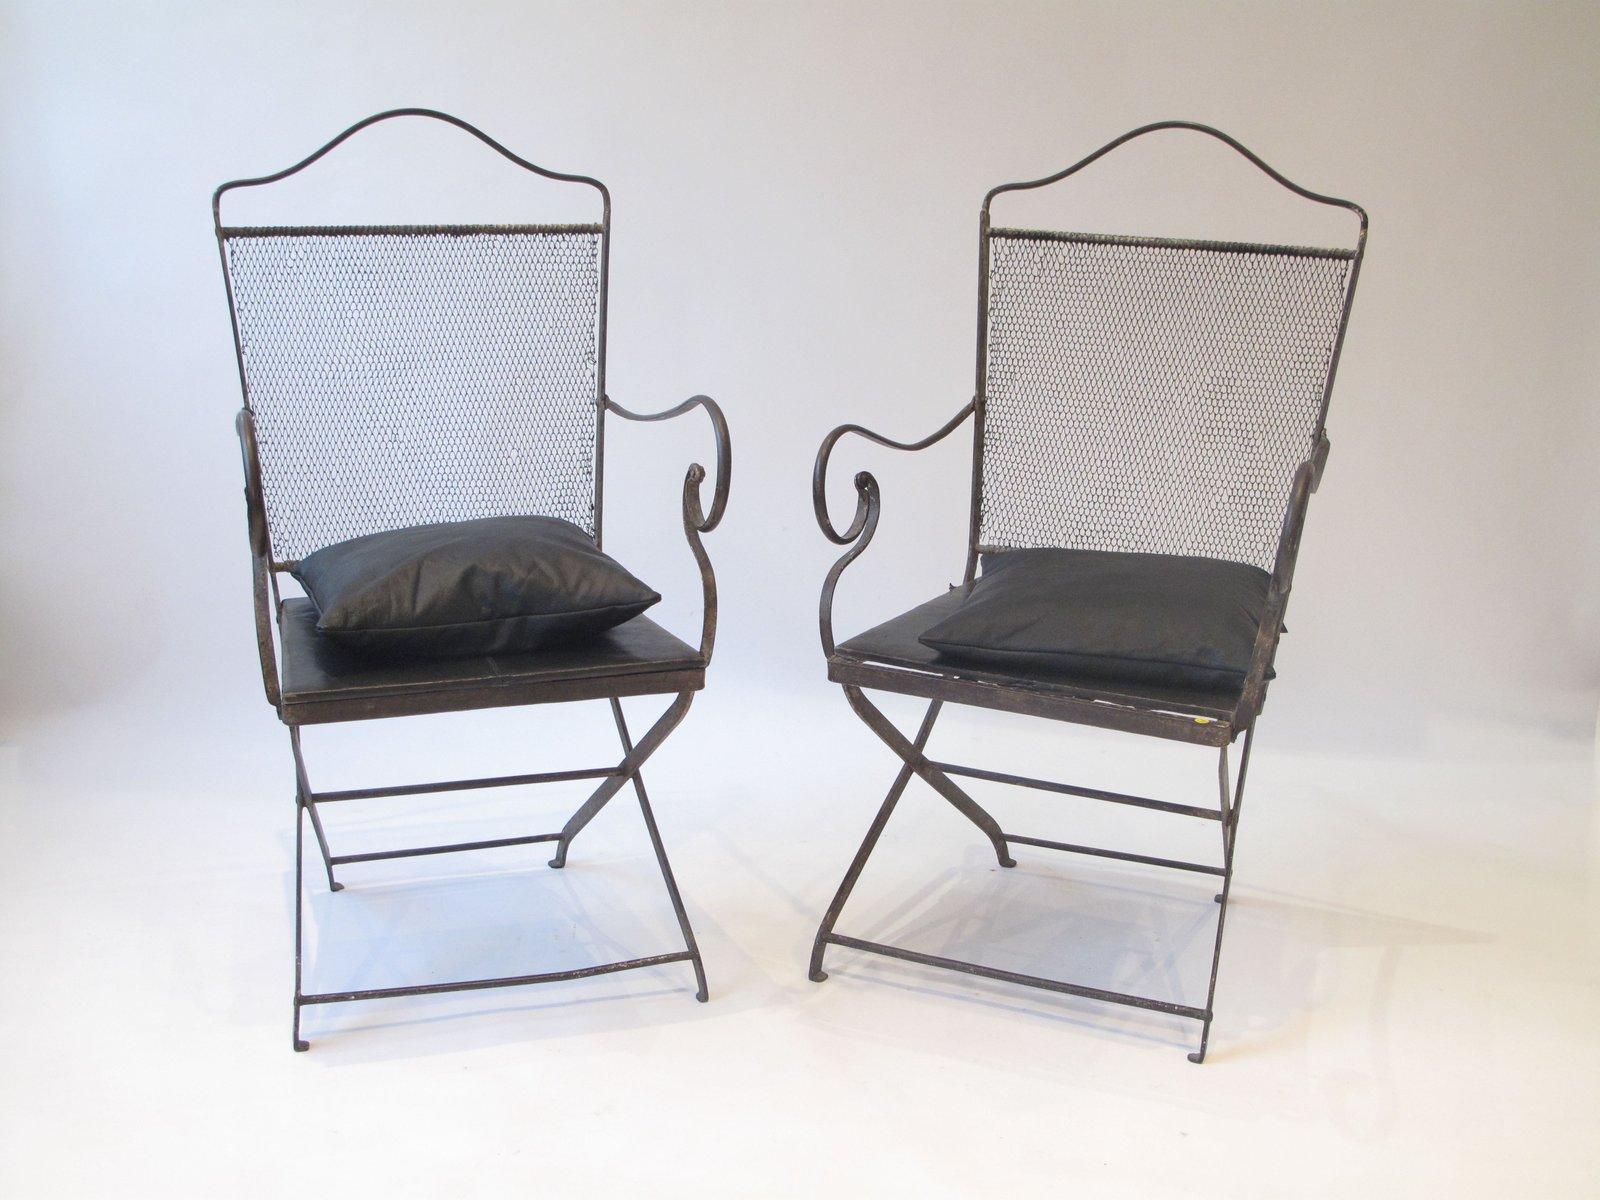 Sedia in ferro battuto, tardo XVIII secolo in vendita su Pamono